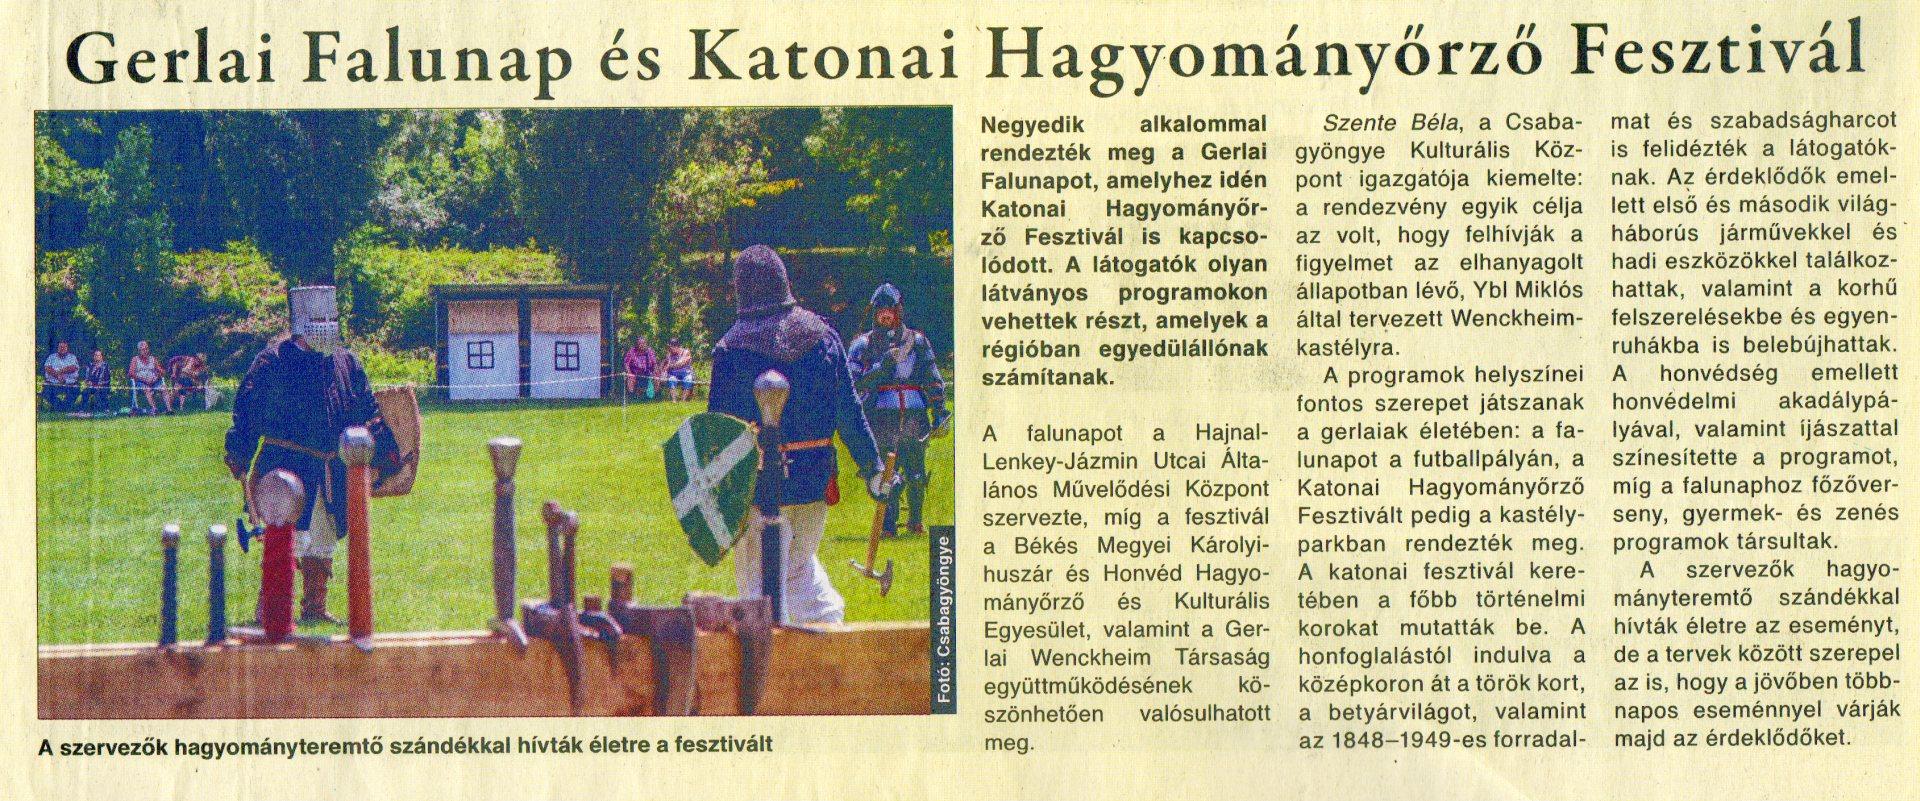 Csabai Mérleg - Gerlai Falunap és Katonai Hagyományőrző fesztivál